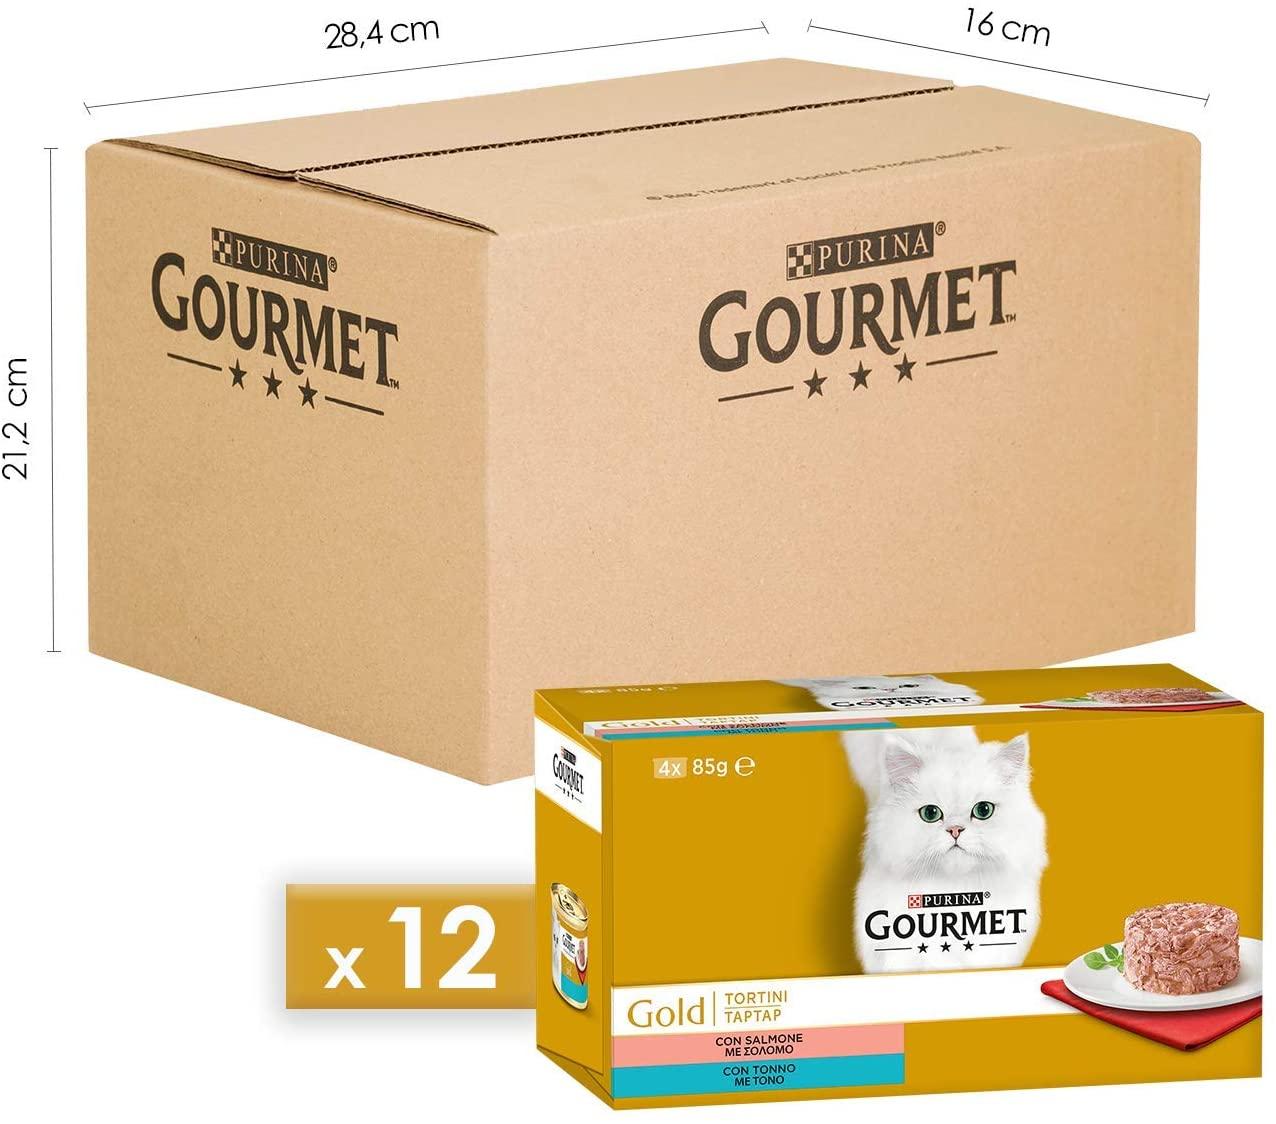 Purina Gourmet Gold Umido Gatto Tortini con Salmone, con Tonno, 48 Lattine da 85 g Ciascuna, 12 Confezioni da 4 x 85 g